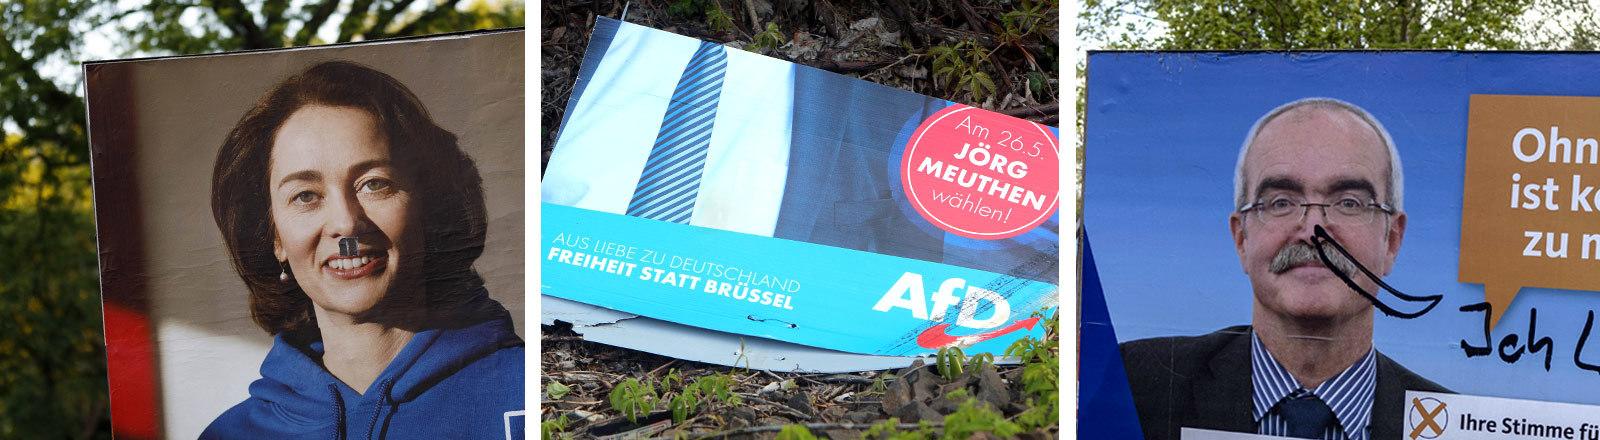 Collage: zerstörte und beschmierte EU-Wahl-Plakate